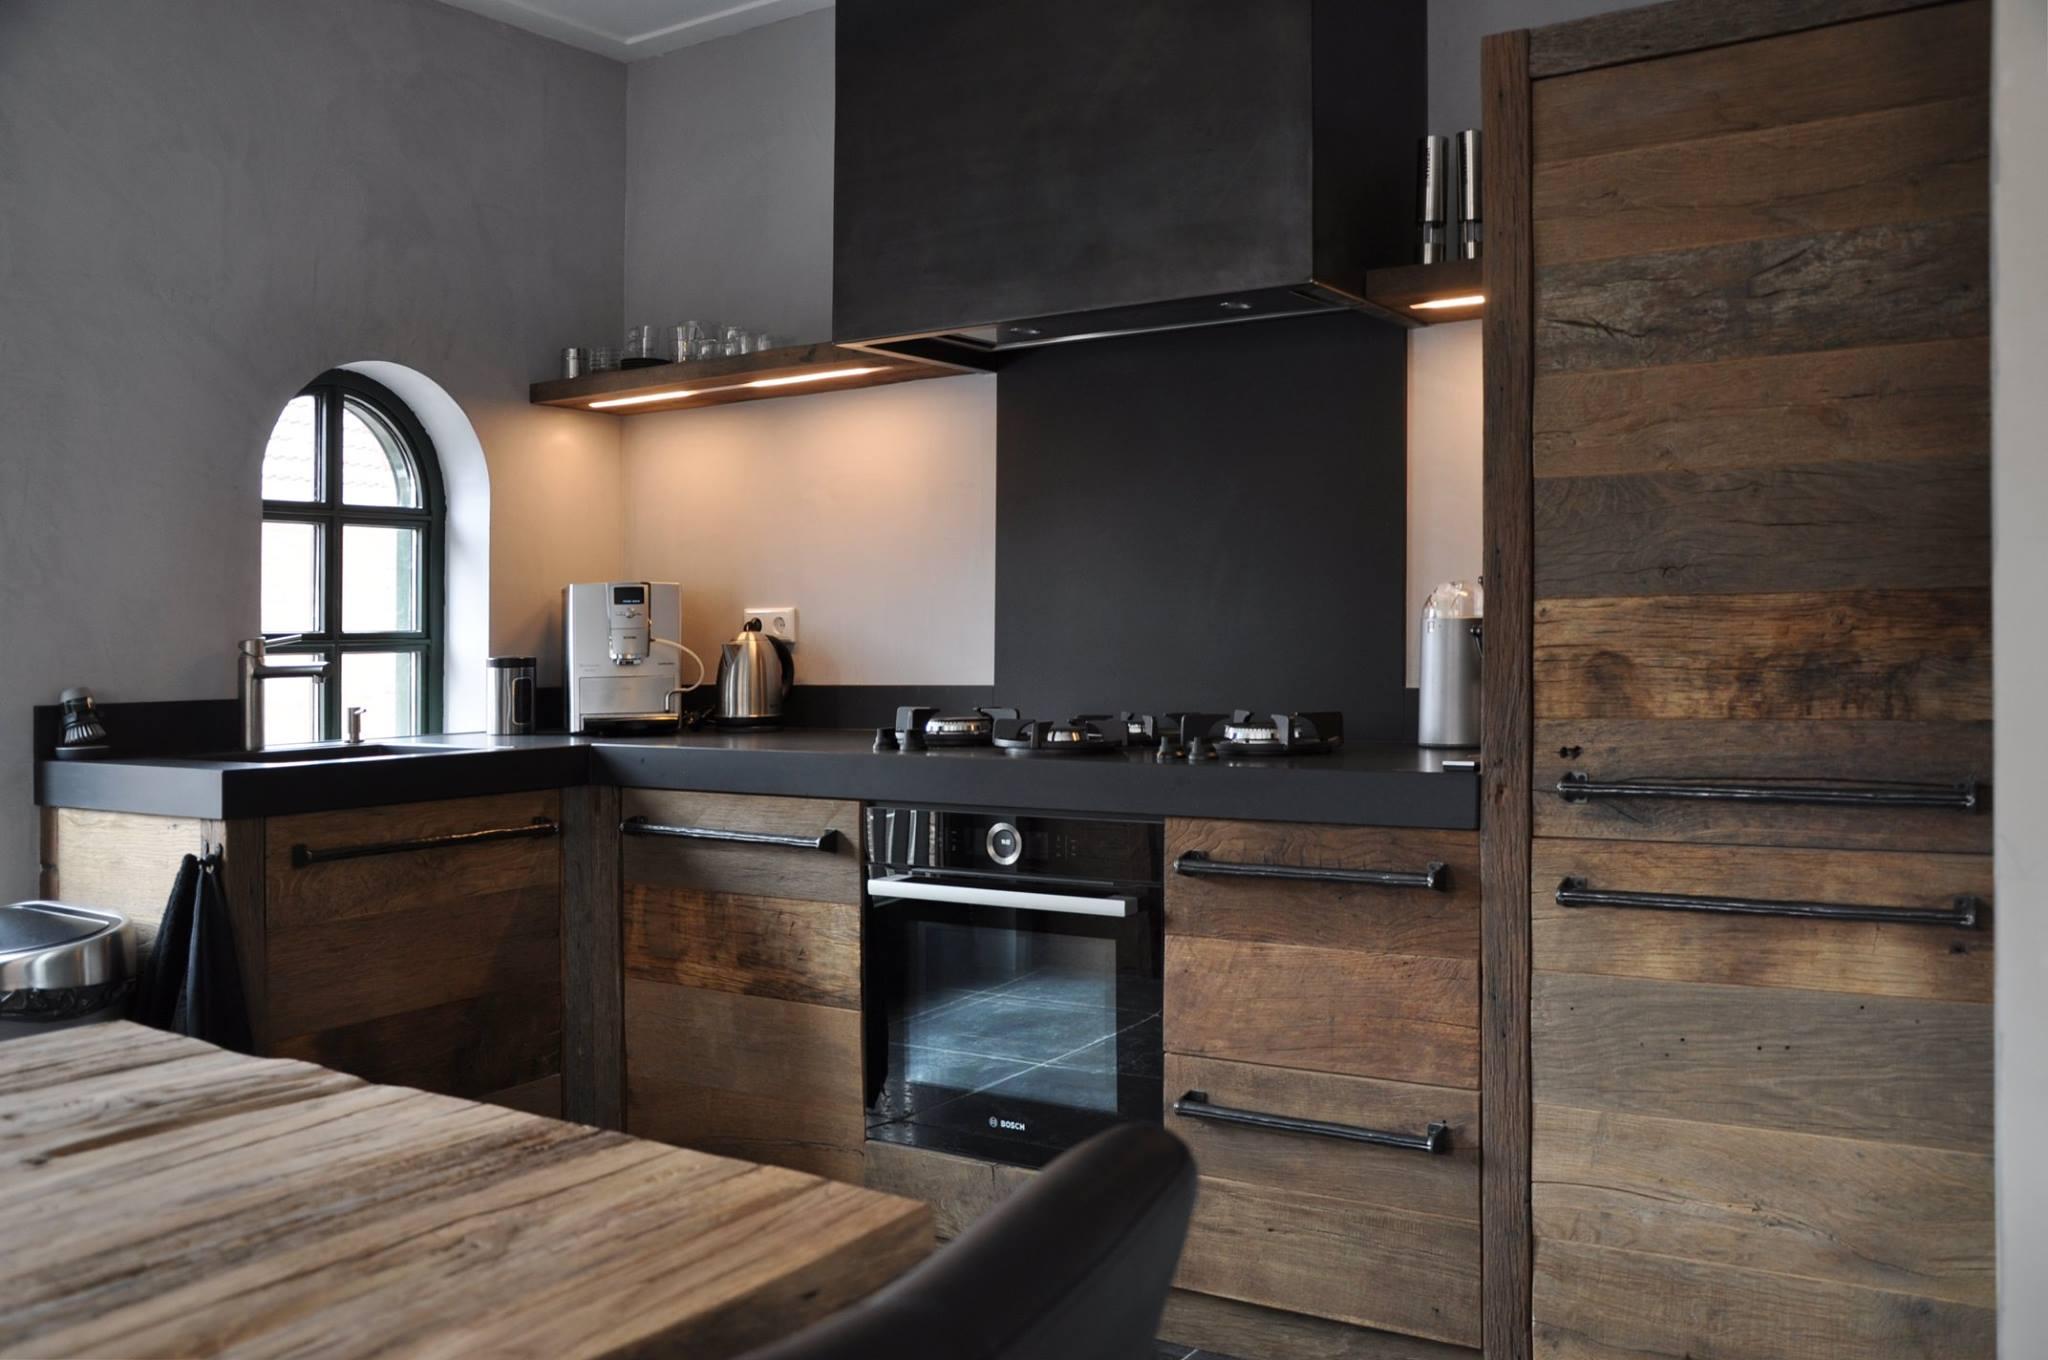 Keuken Landelijke Stijl : Landelijke keukens een sfeervolle keuken met landelijke stijl